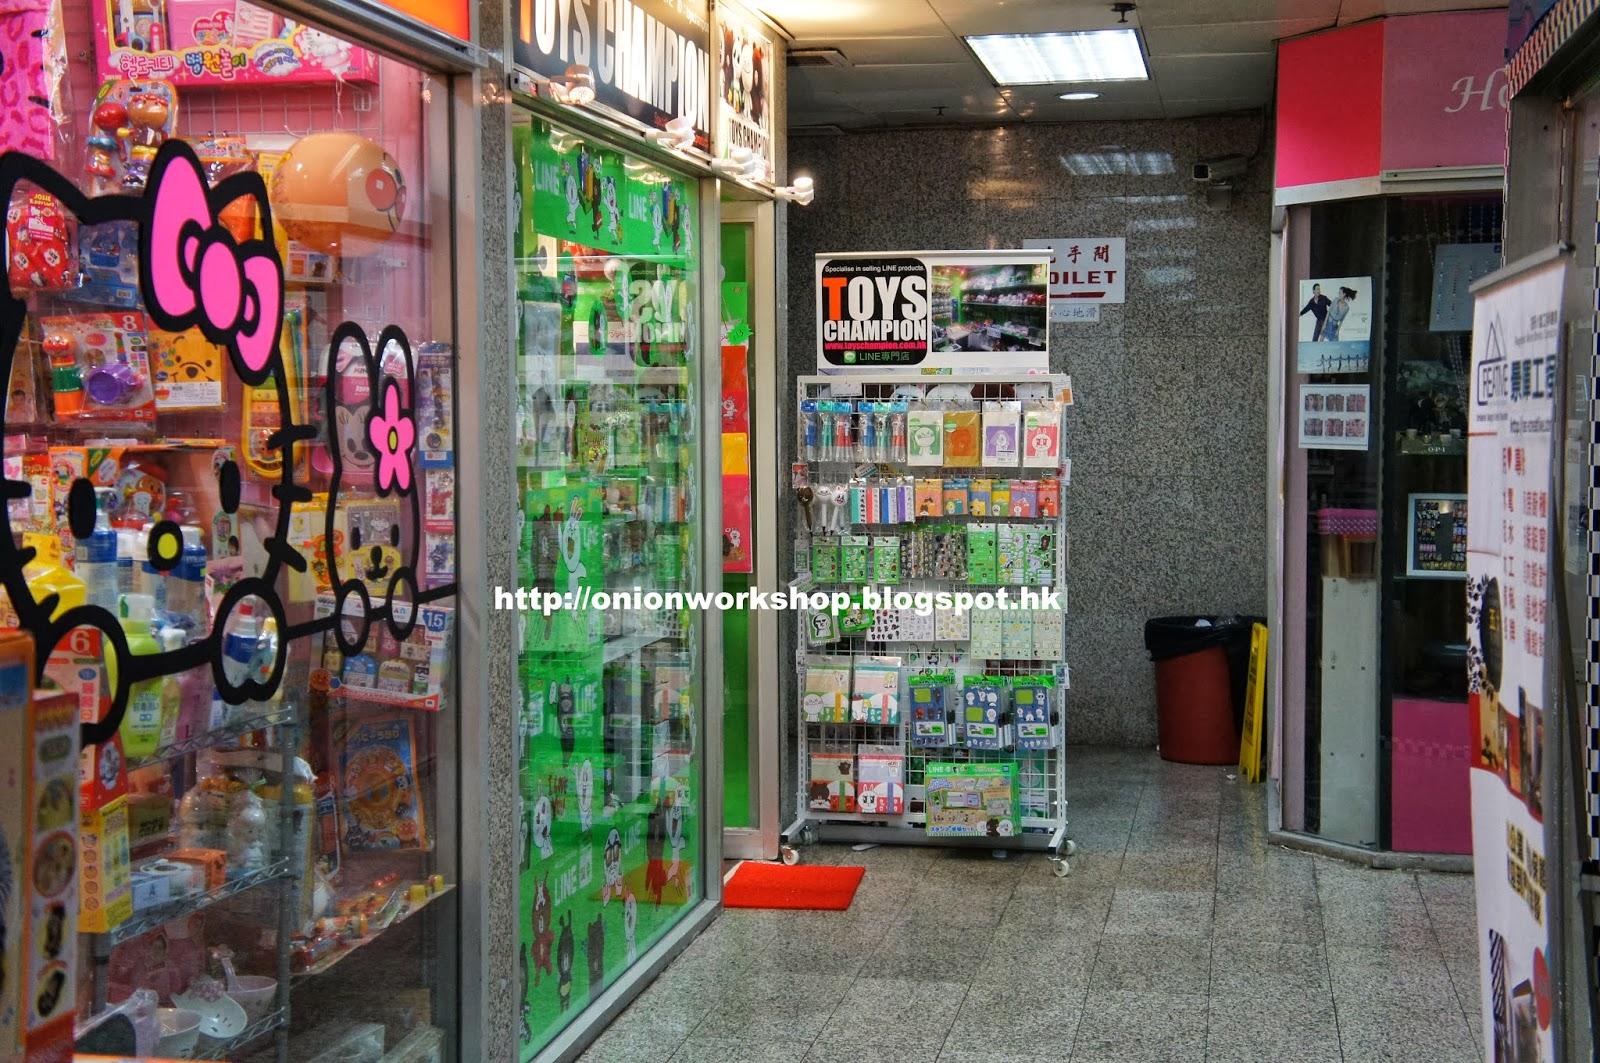 洋蔥頭的玩具店遊記: [已結業] 新界區 荃灣 Toys Champion